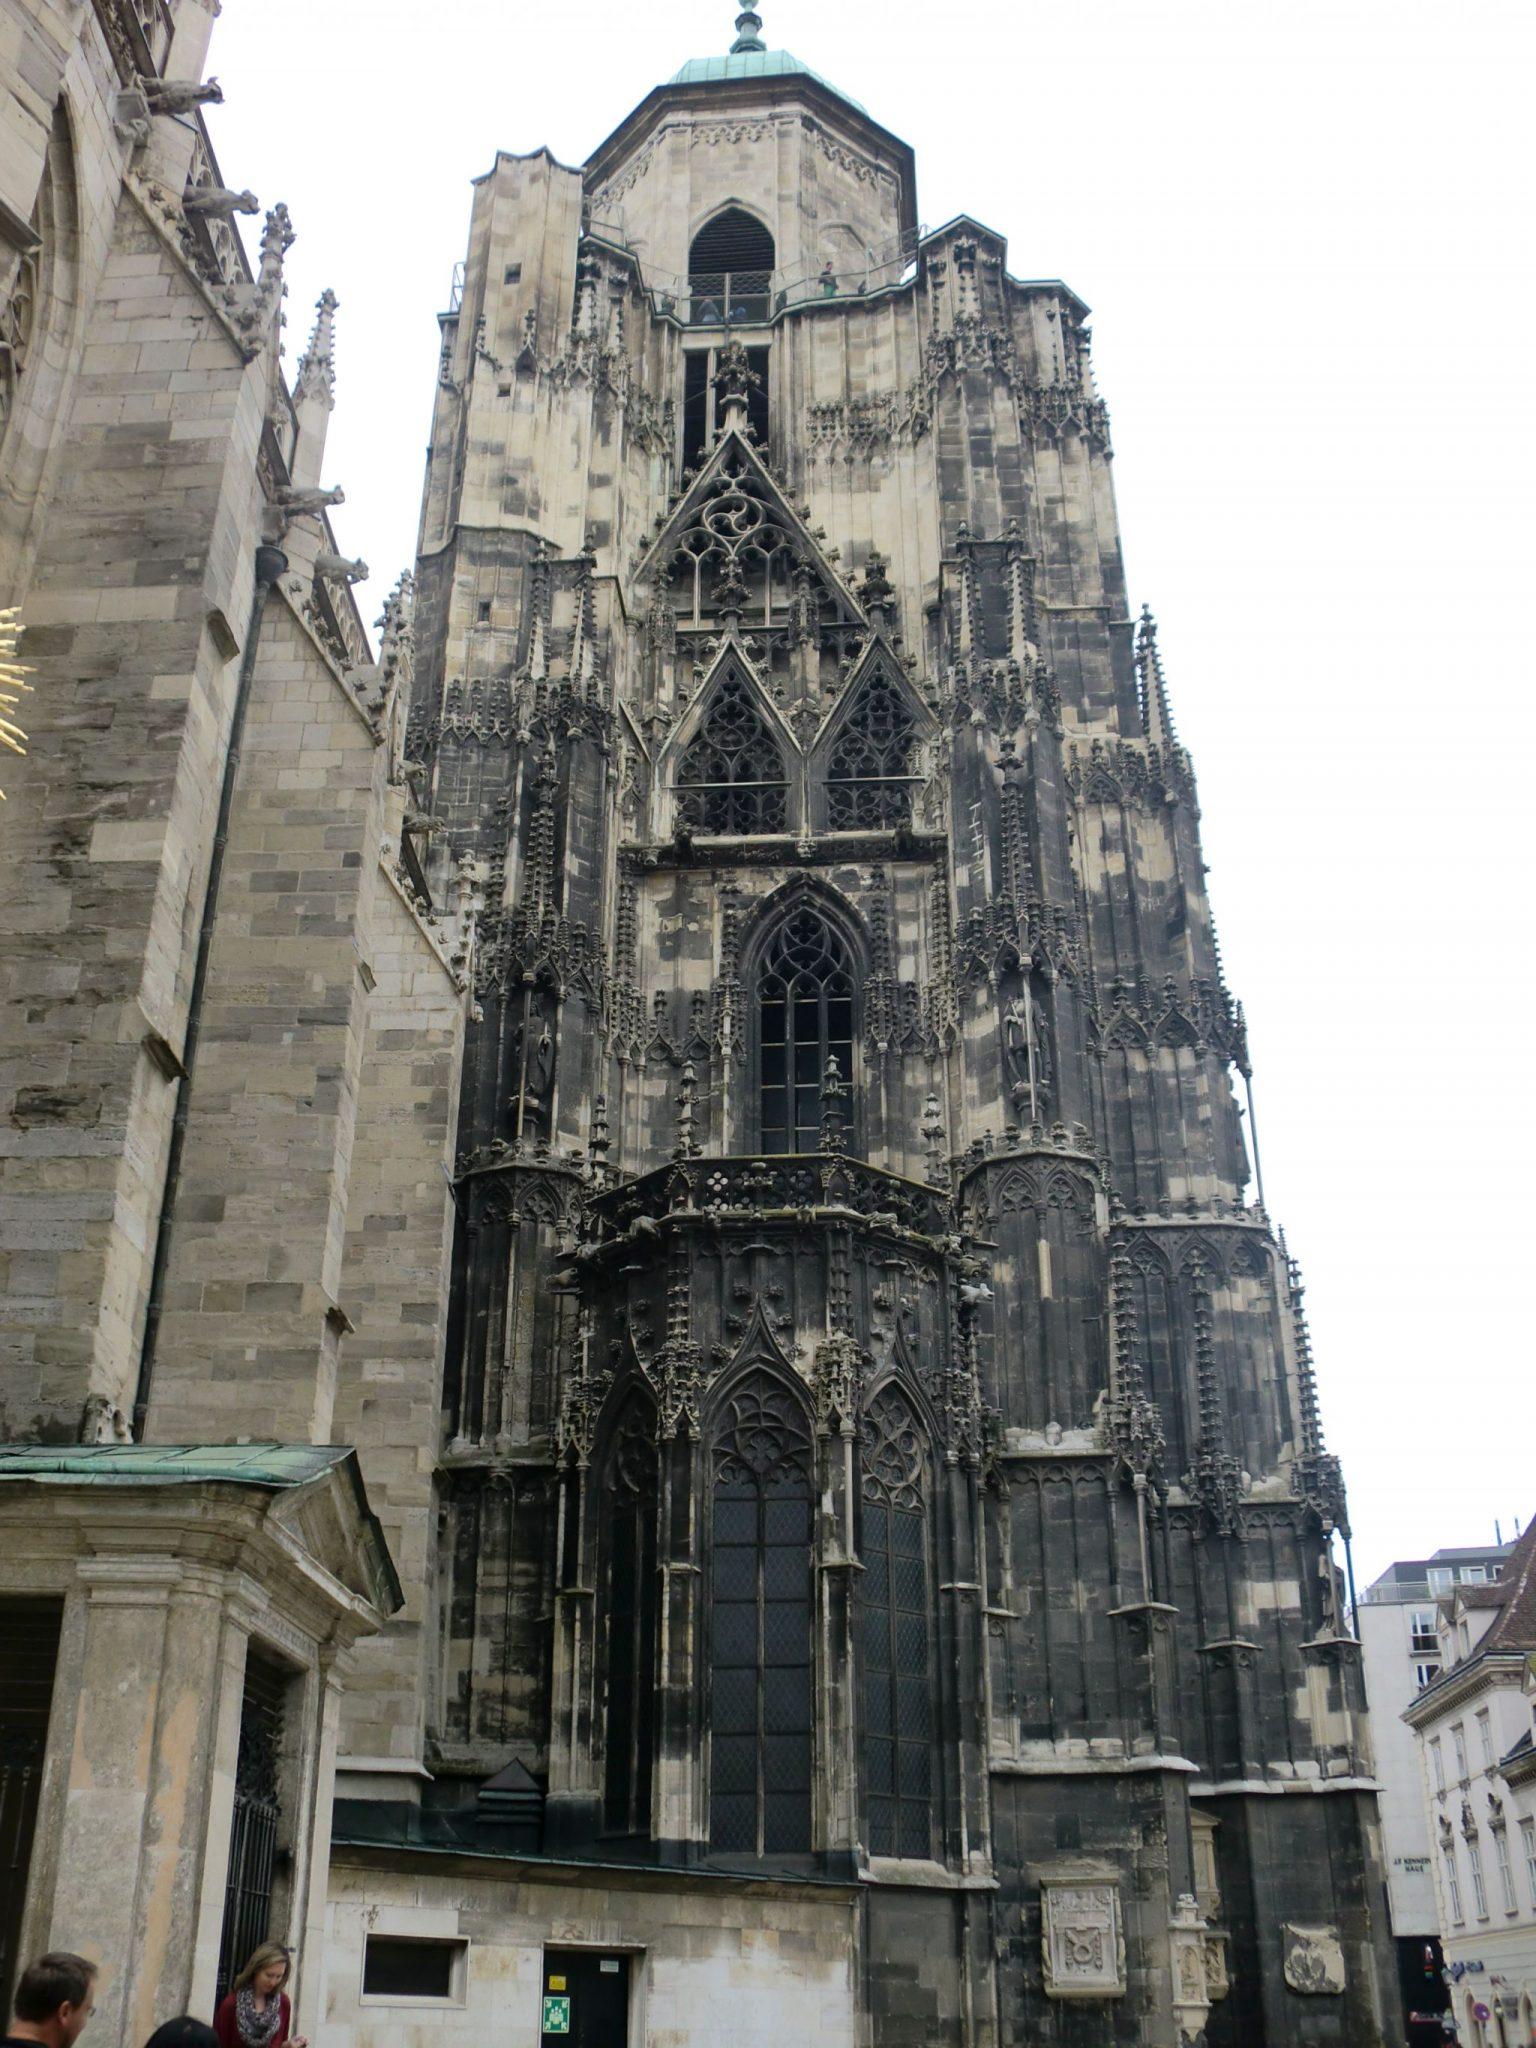 Vienna cathedral 43 1440x1920 - Vienna: elegant beauty